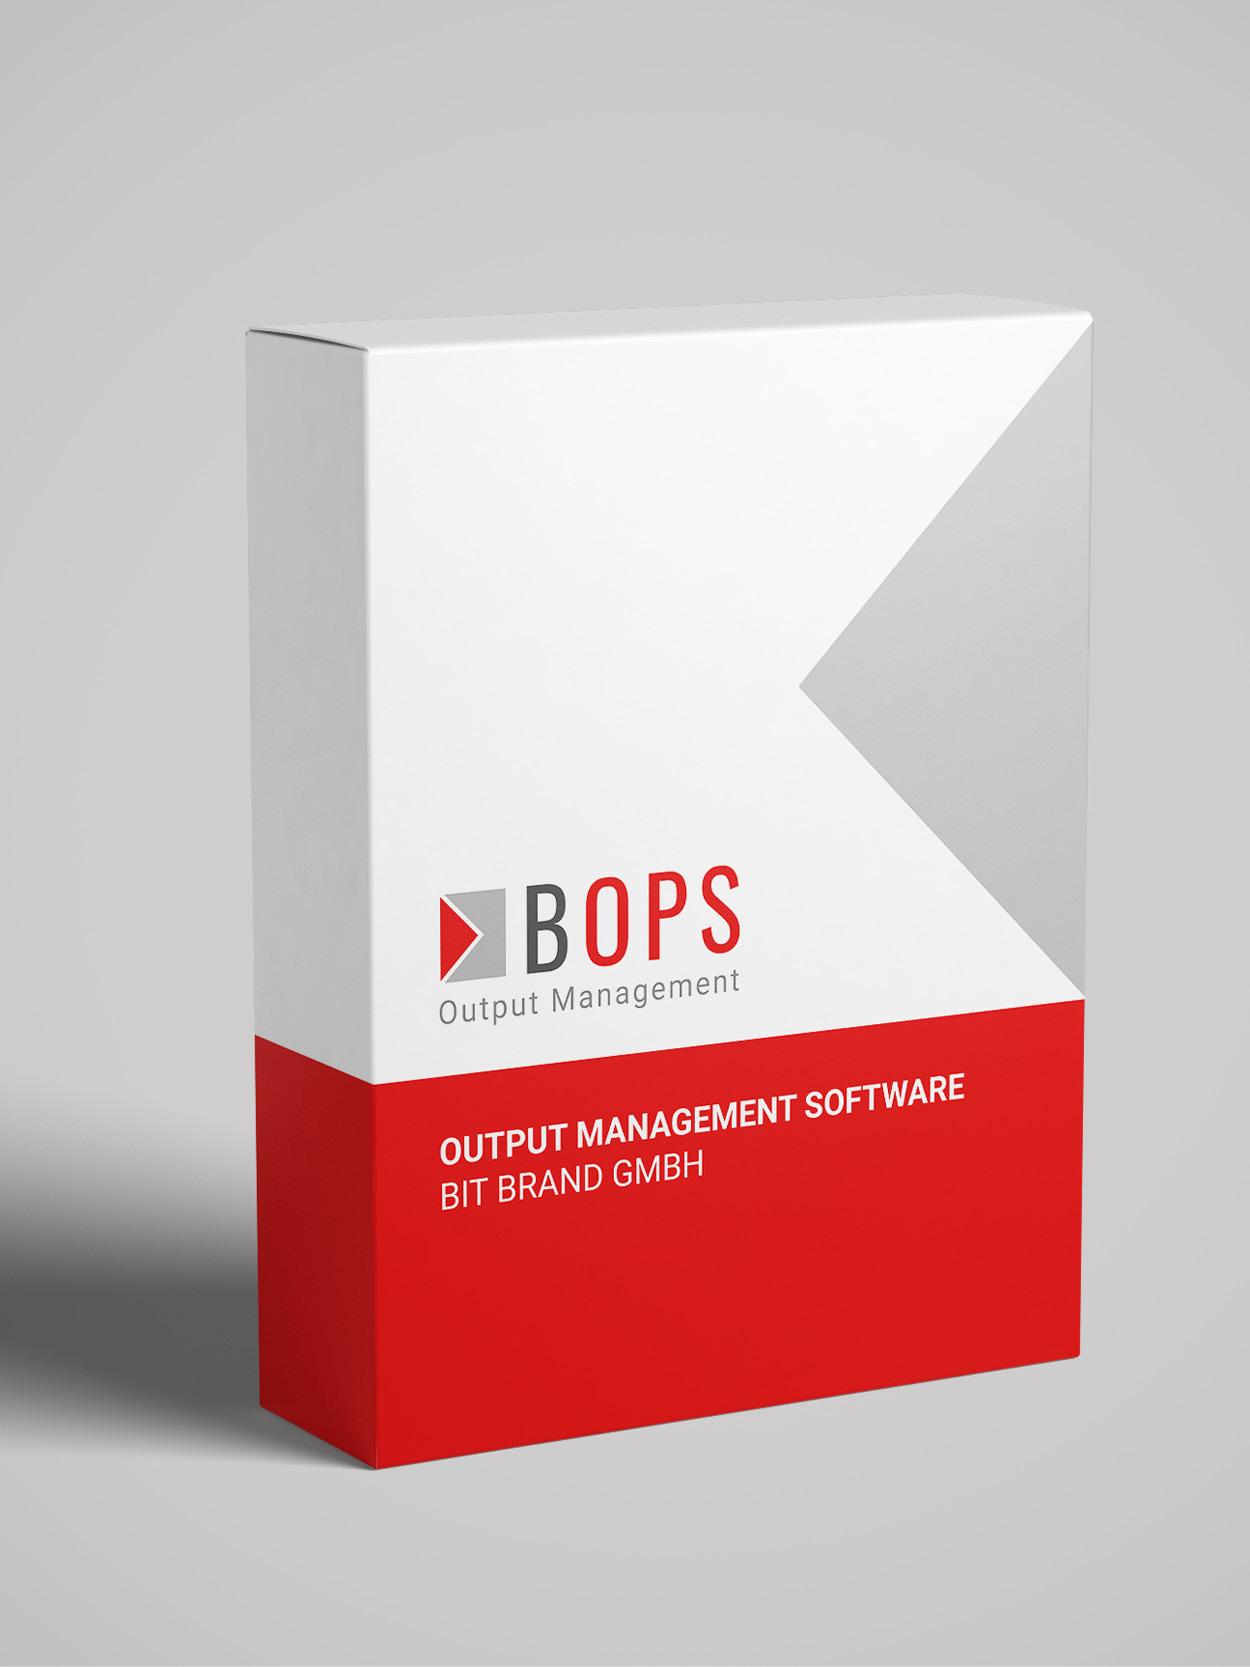 Verpackung der Output Management Software BOPS